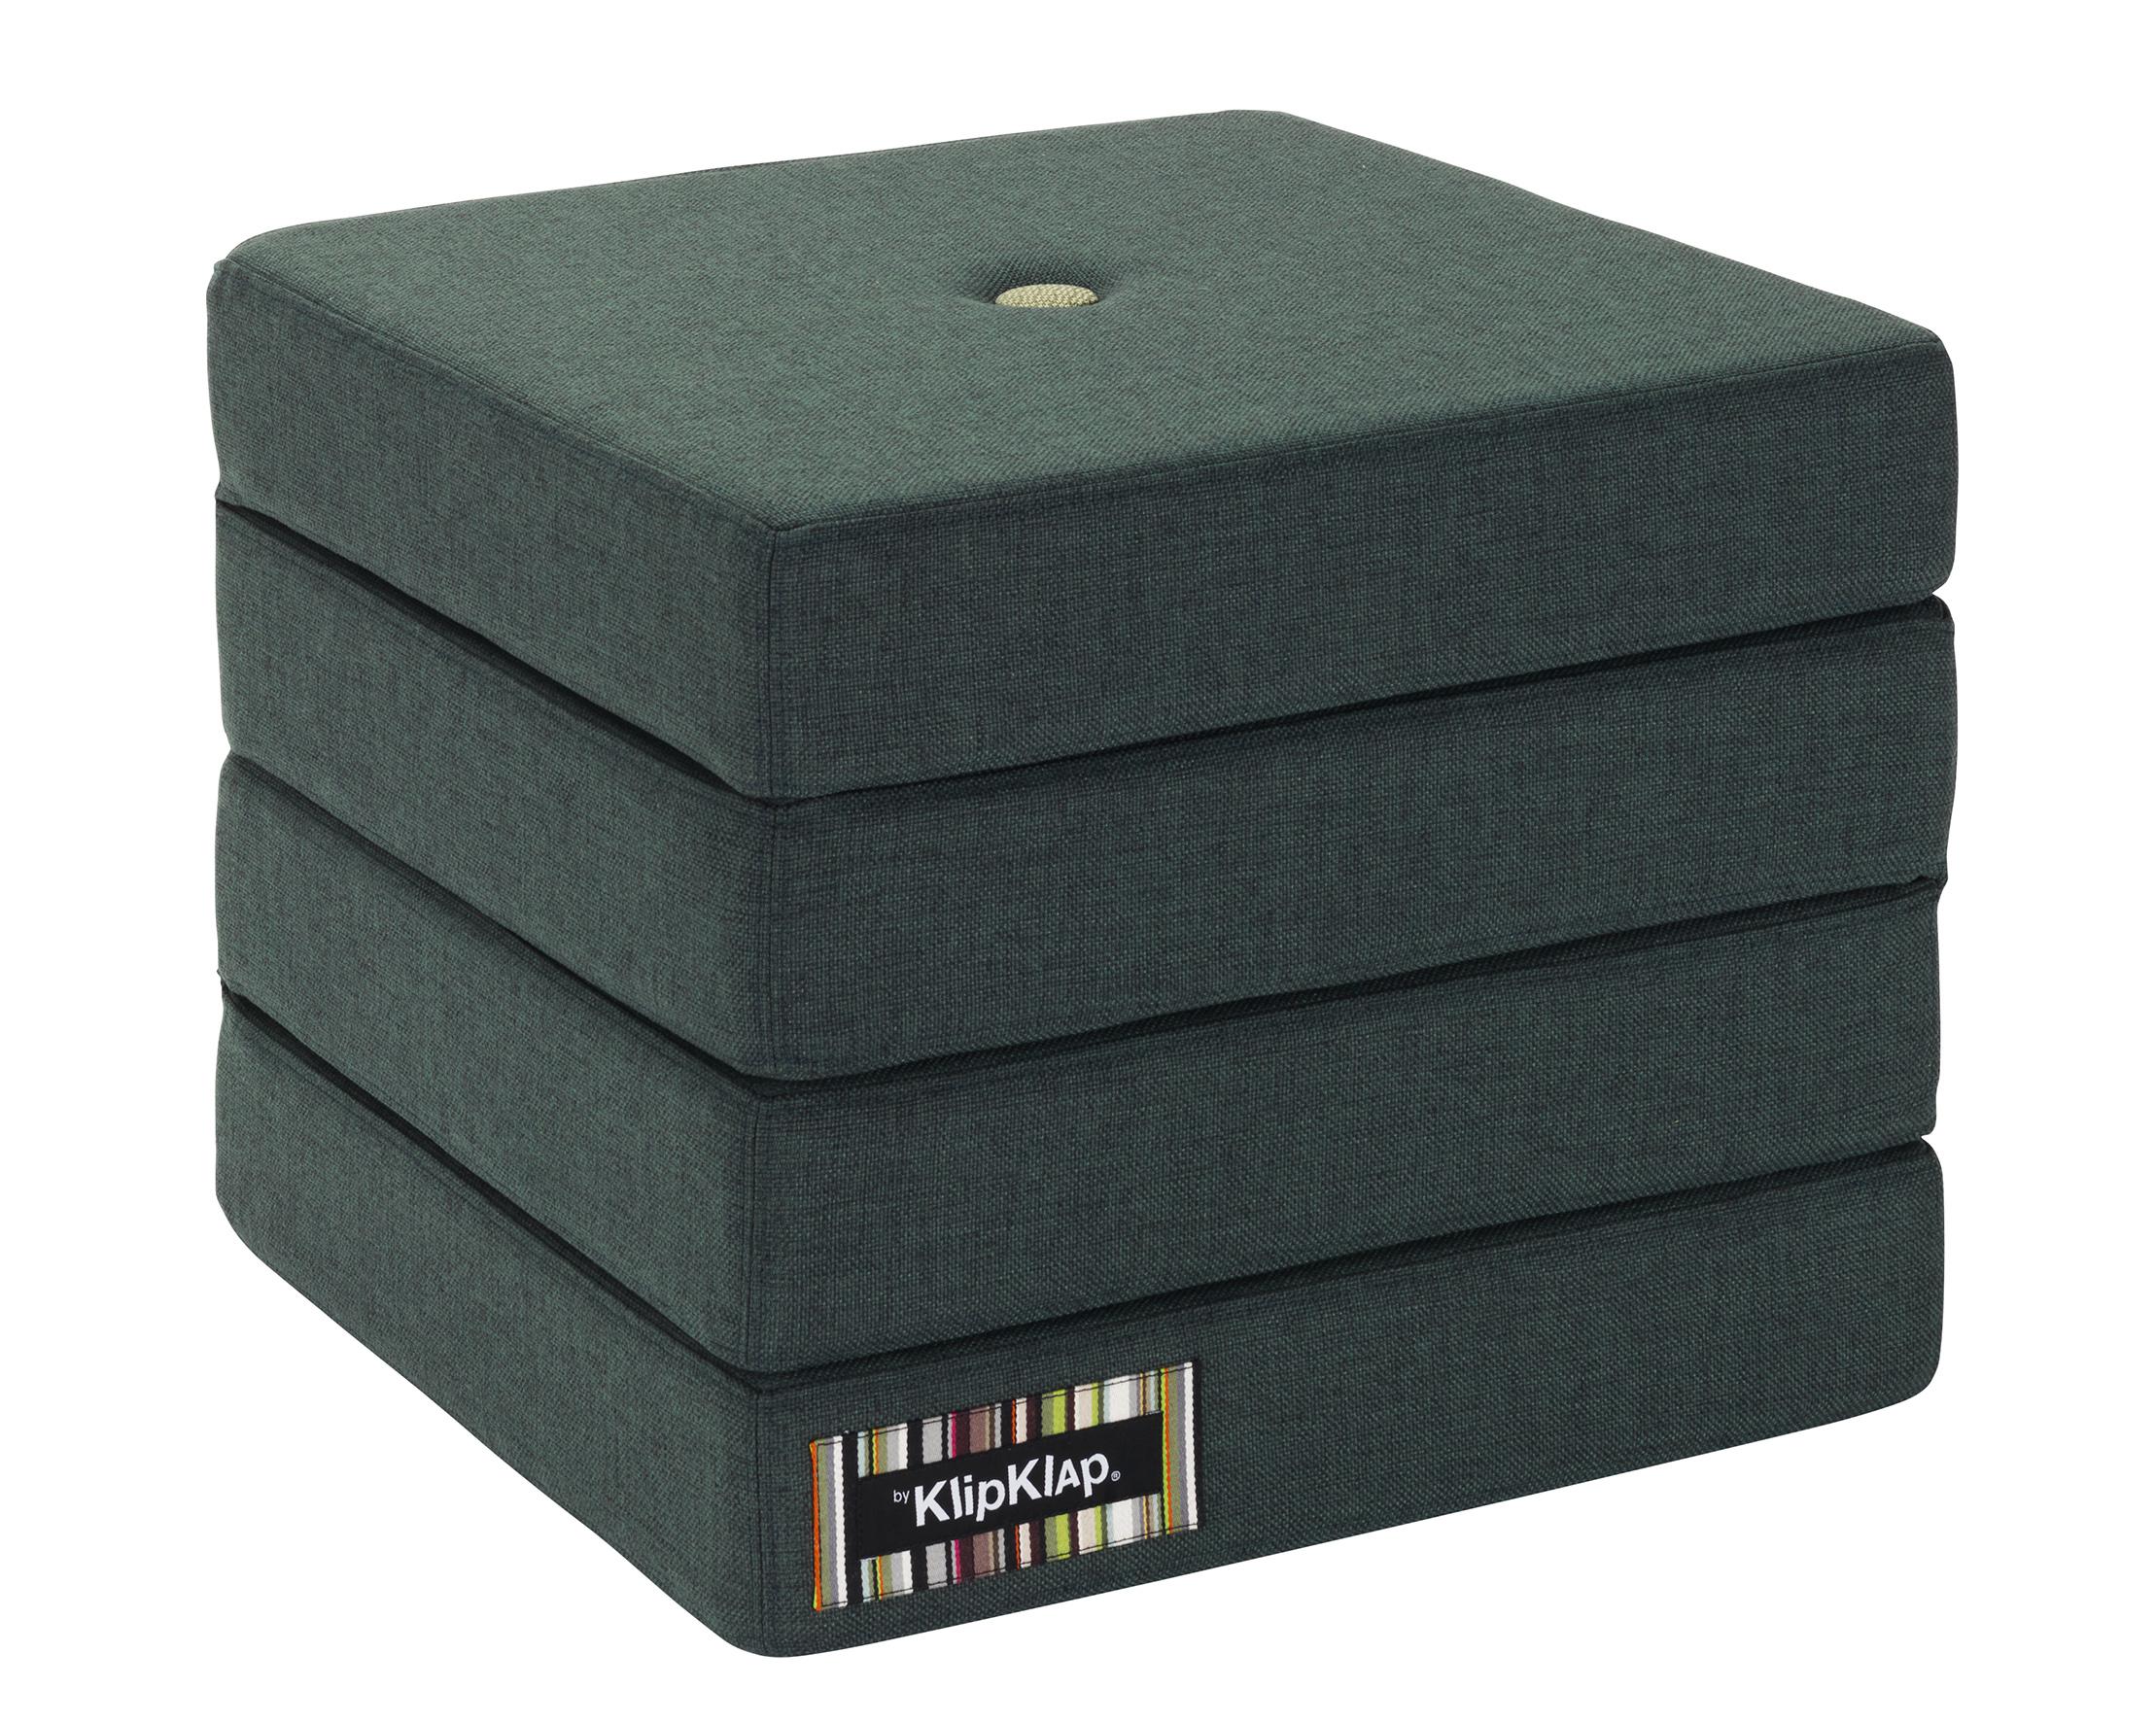 Image of   By KlipKlap 4 fold foldemadras mørkegrøn / lysegrøn